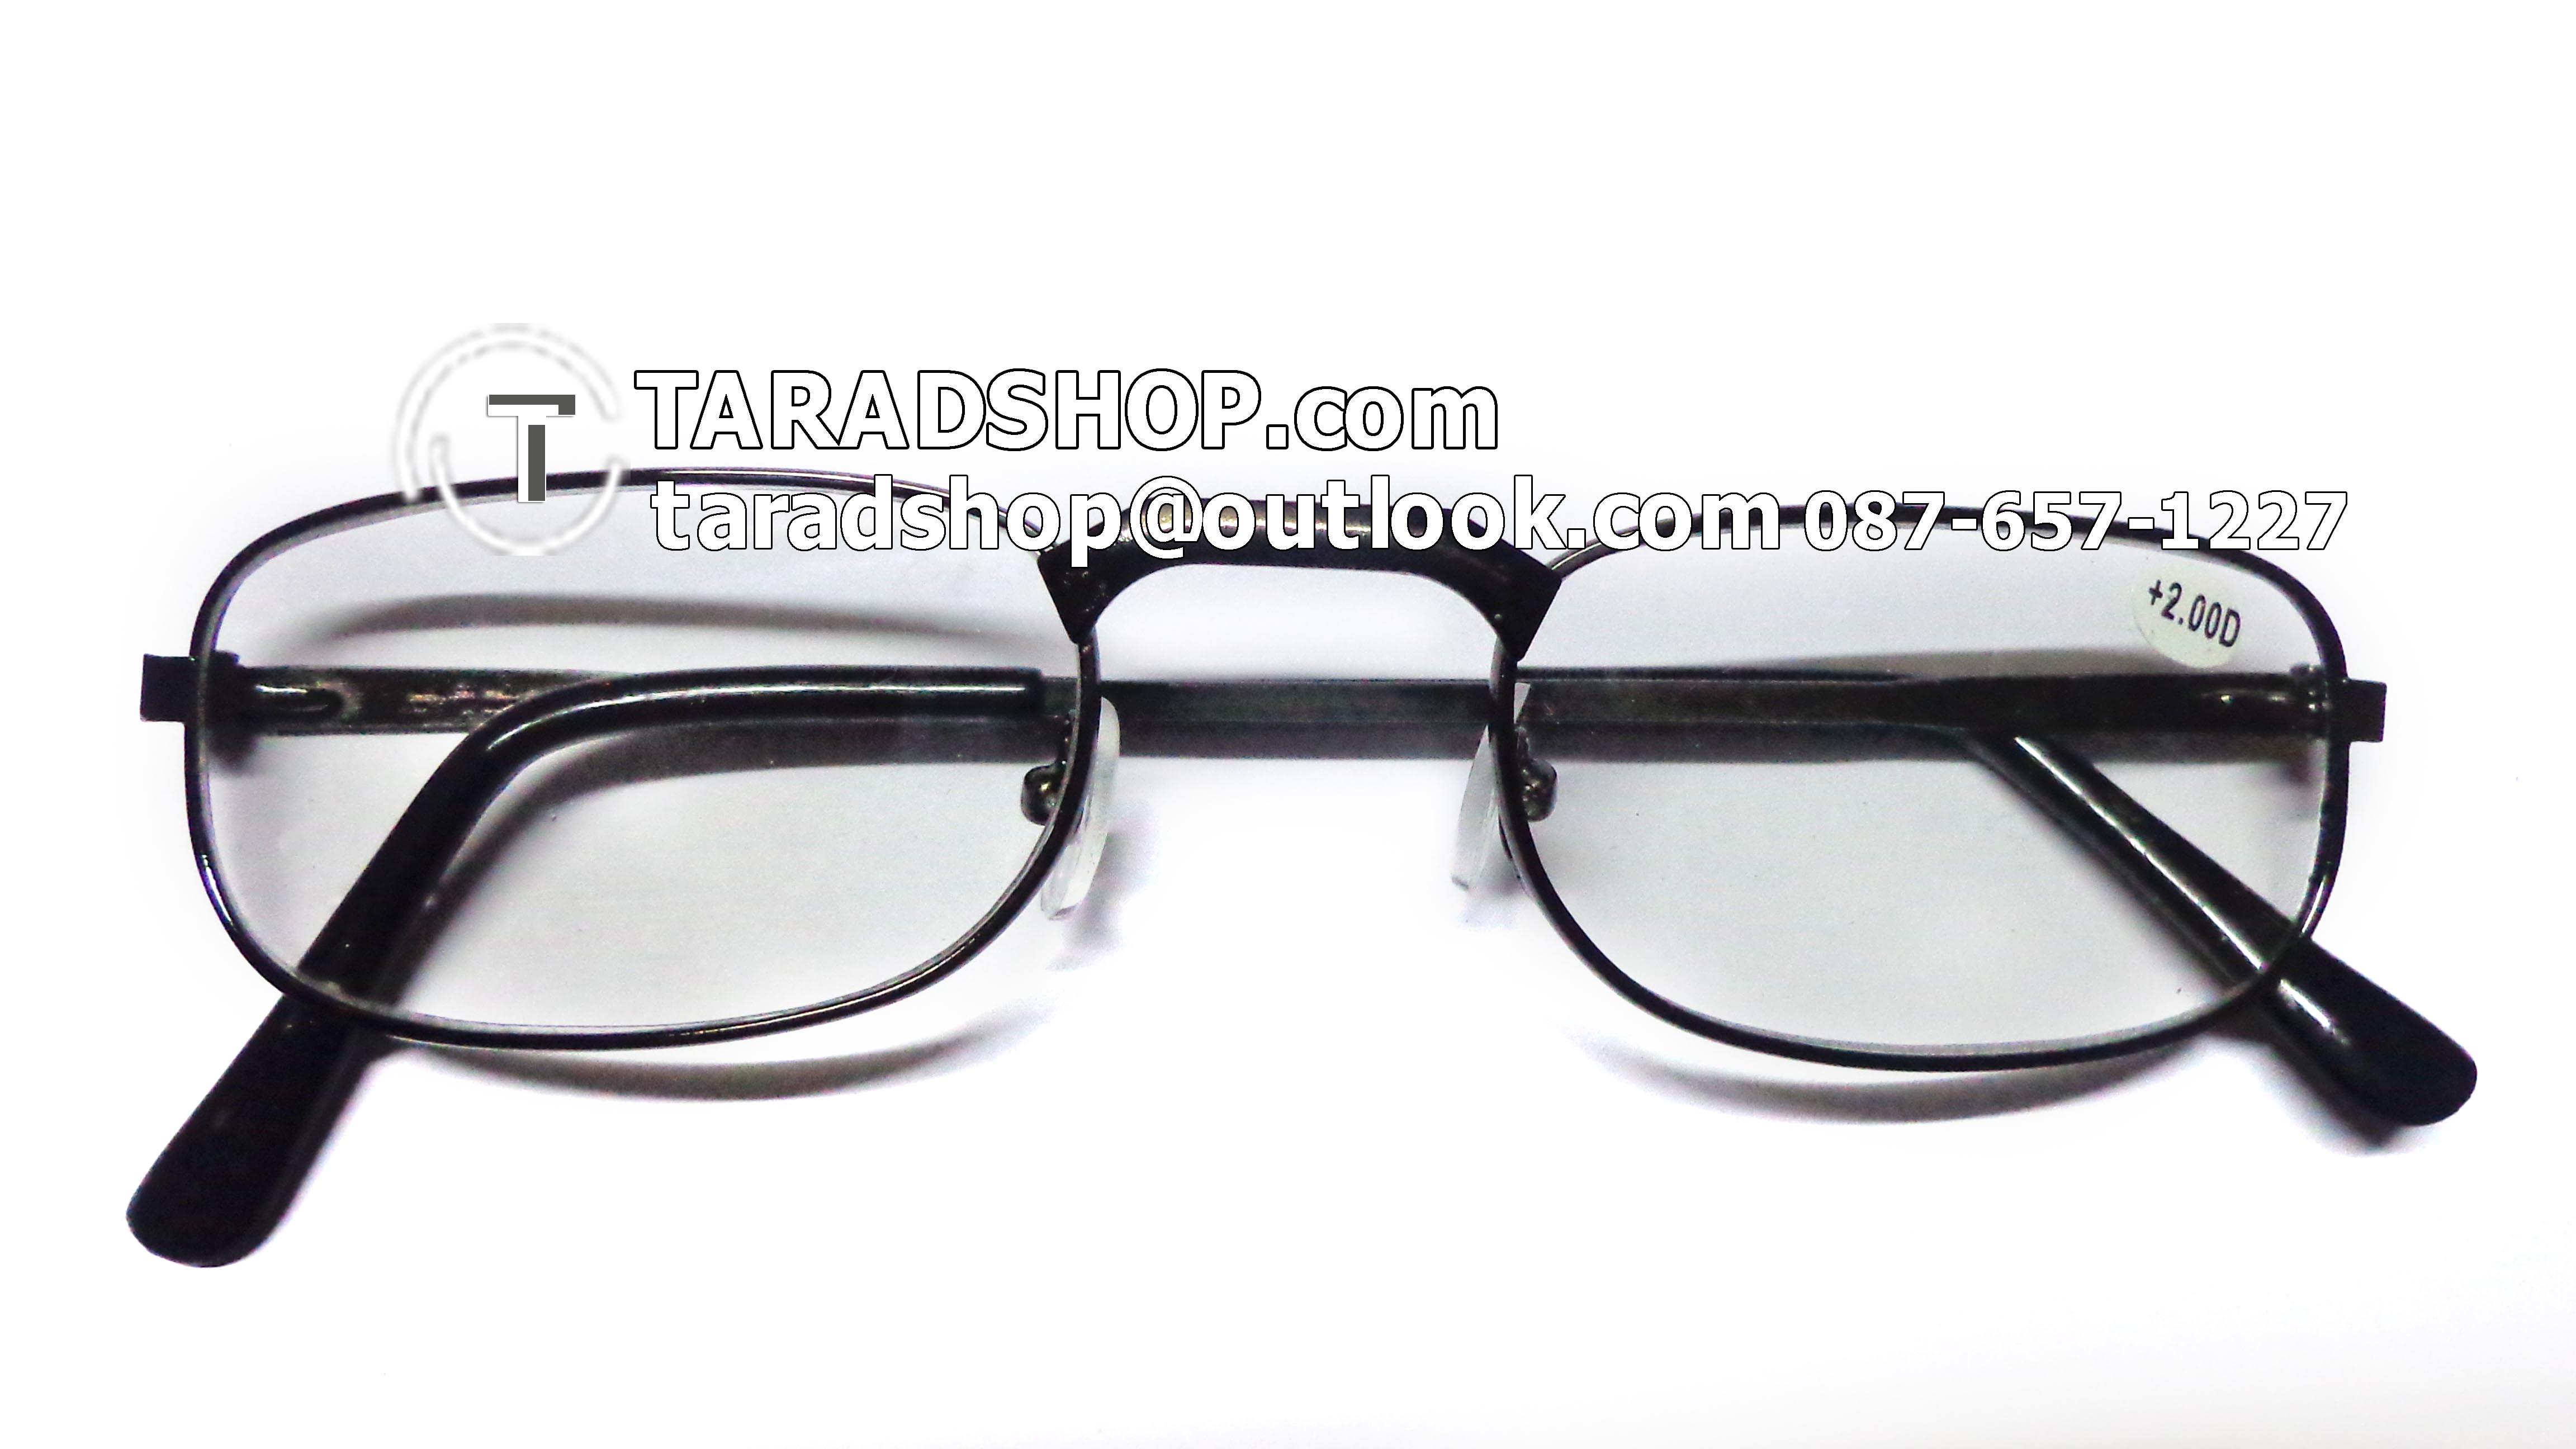 แว่นสายตา ยาว +2.00D ( สีเลนส์ กระจกใส ) สีกรอบ ดำ ) ขา สแตนเลส )